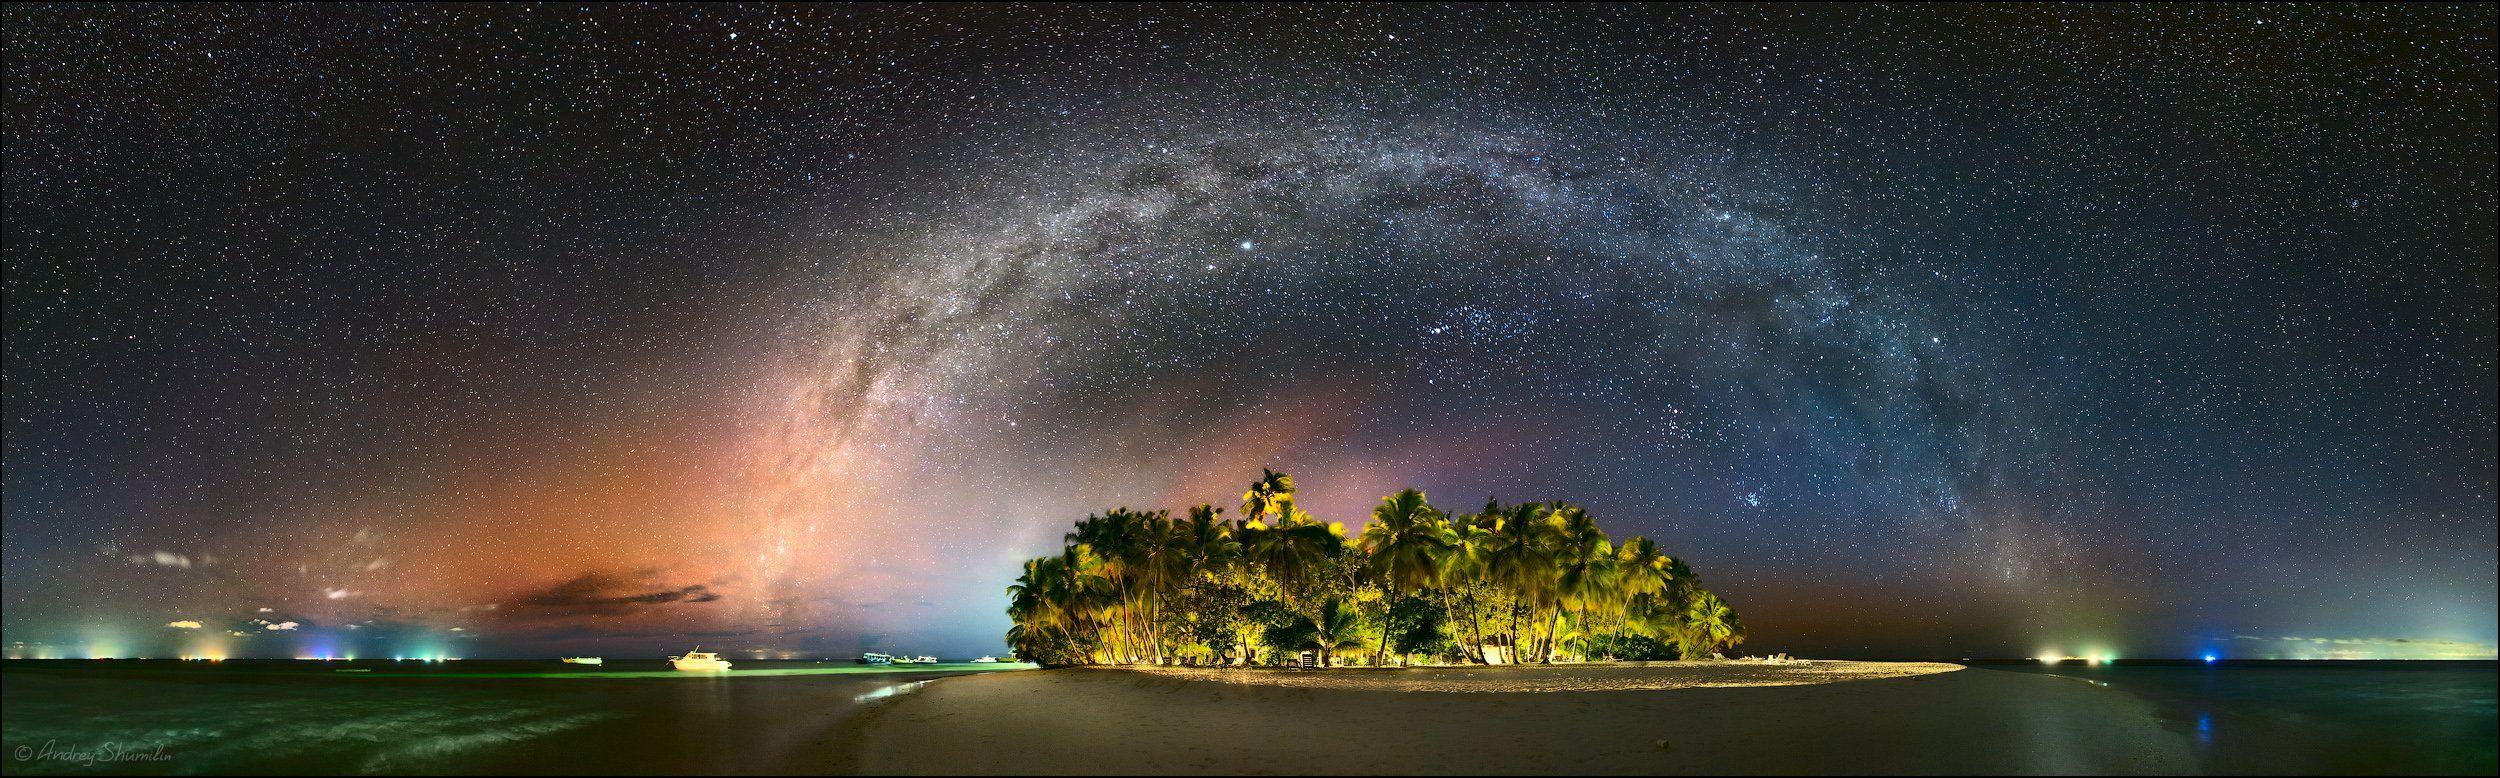 мальдивы, млечный путь, галактика, звезды, звездное небо, Андрей Шумилин